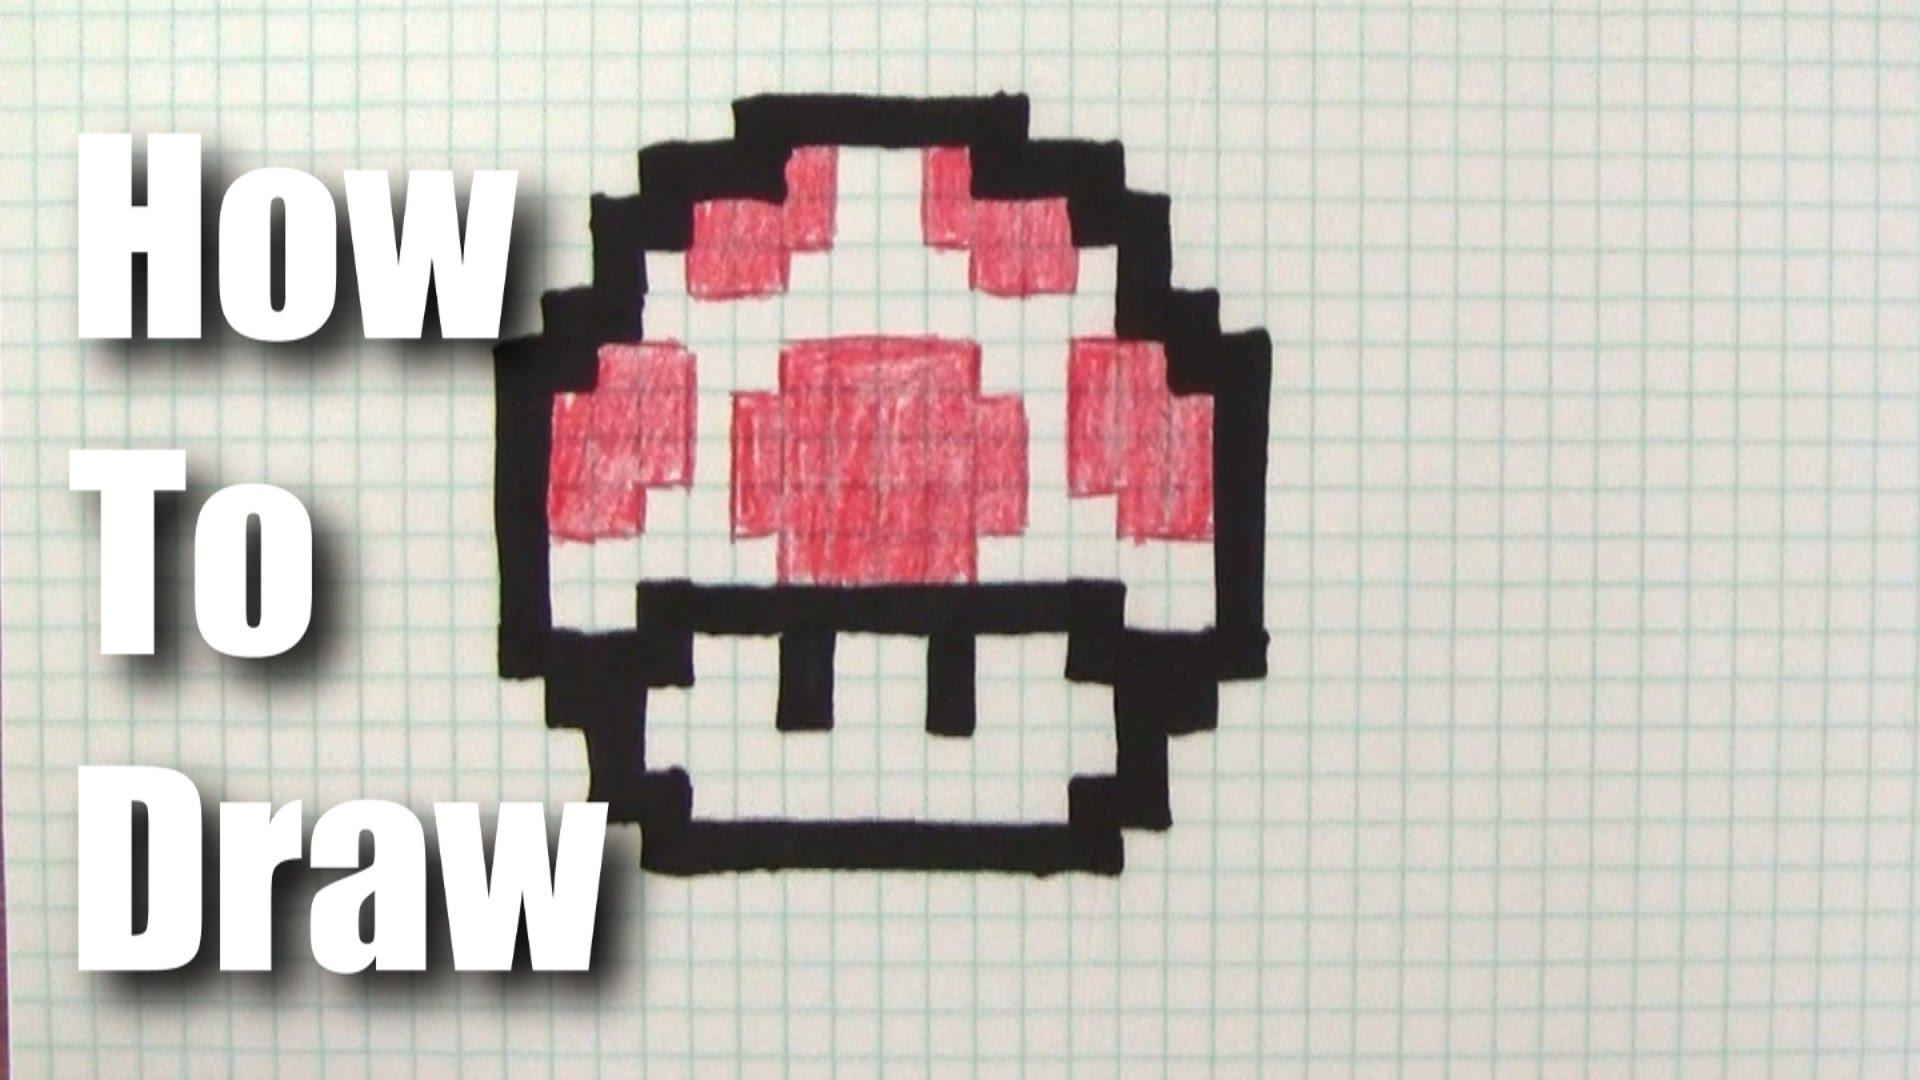 Drawn pixel art 8 bit Draw How Mario Mushroom a